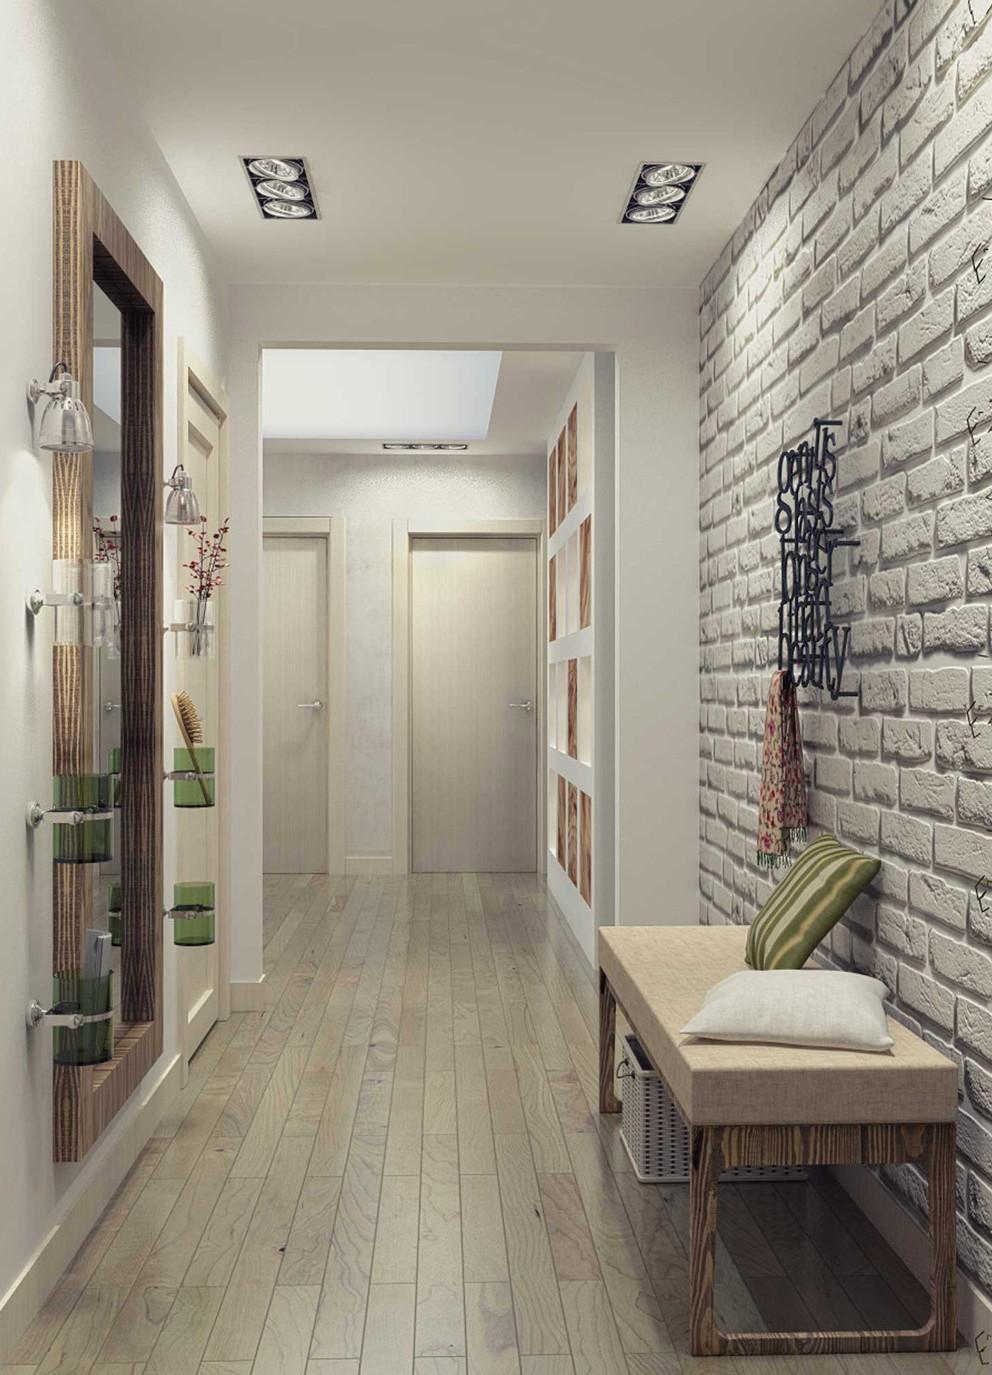 интересный стиль проходной комнаты с маленьким коридором